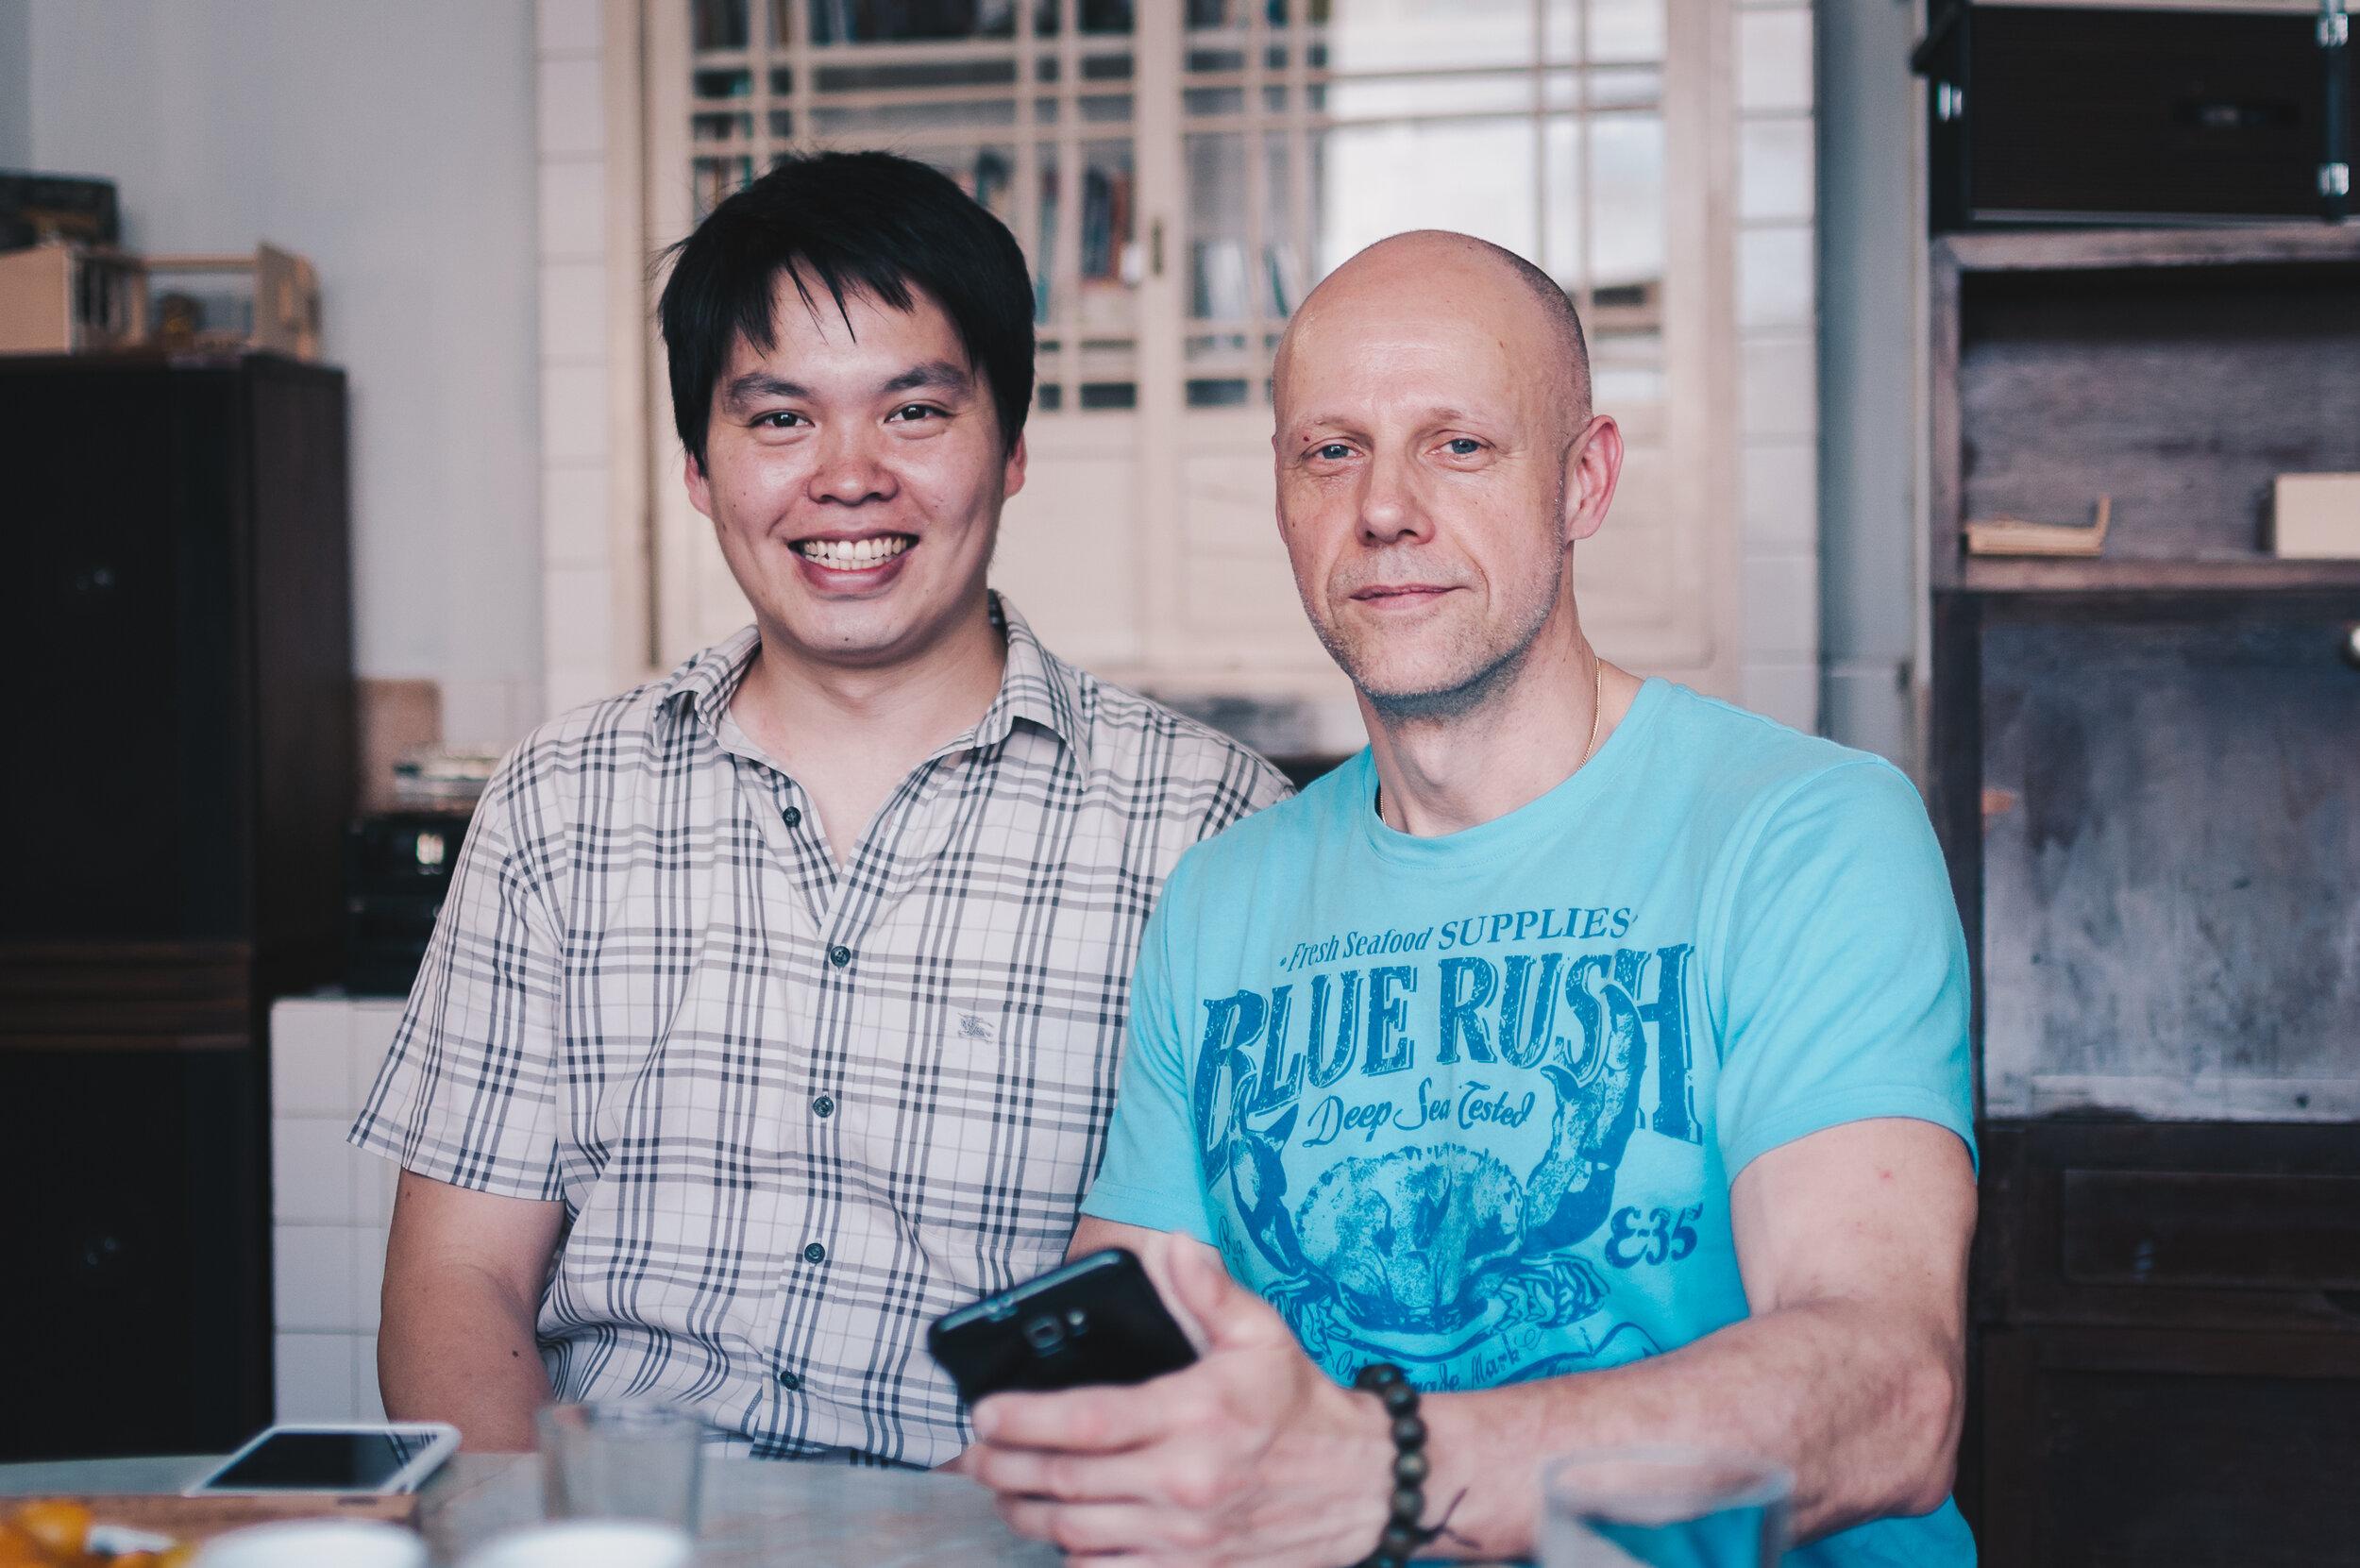 台南謝宅主人,謝小伍與米夏爾合影。